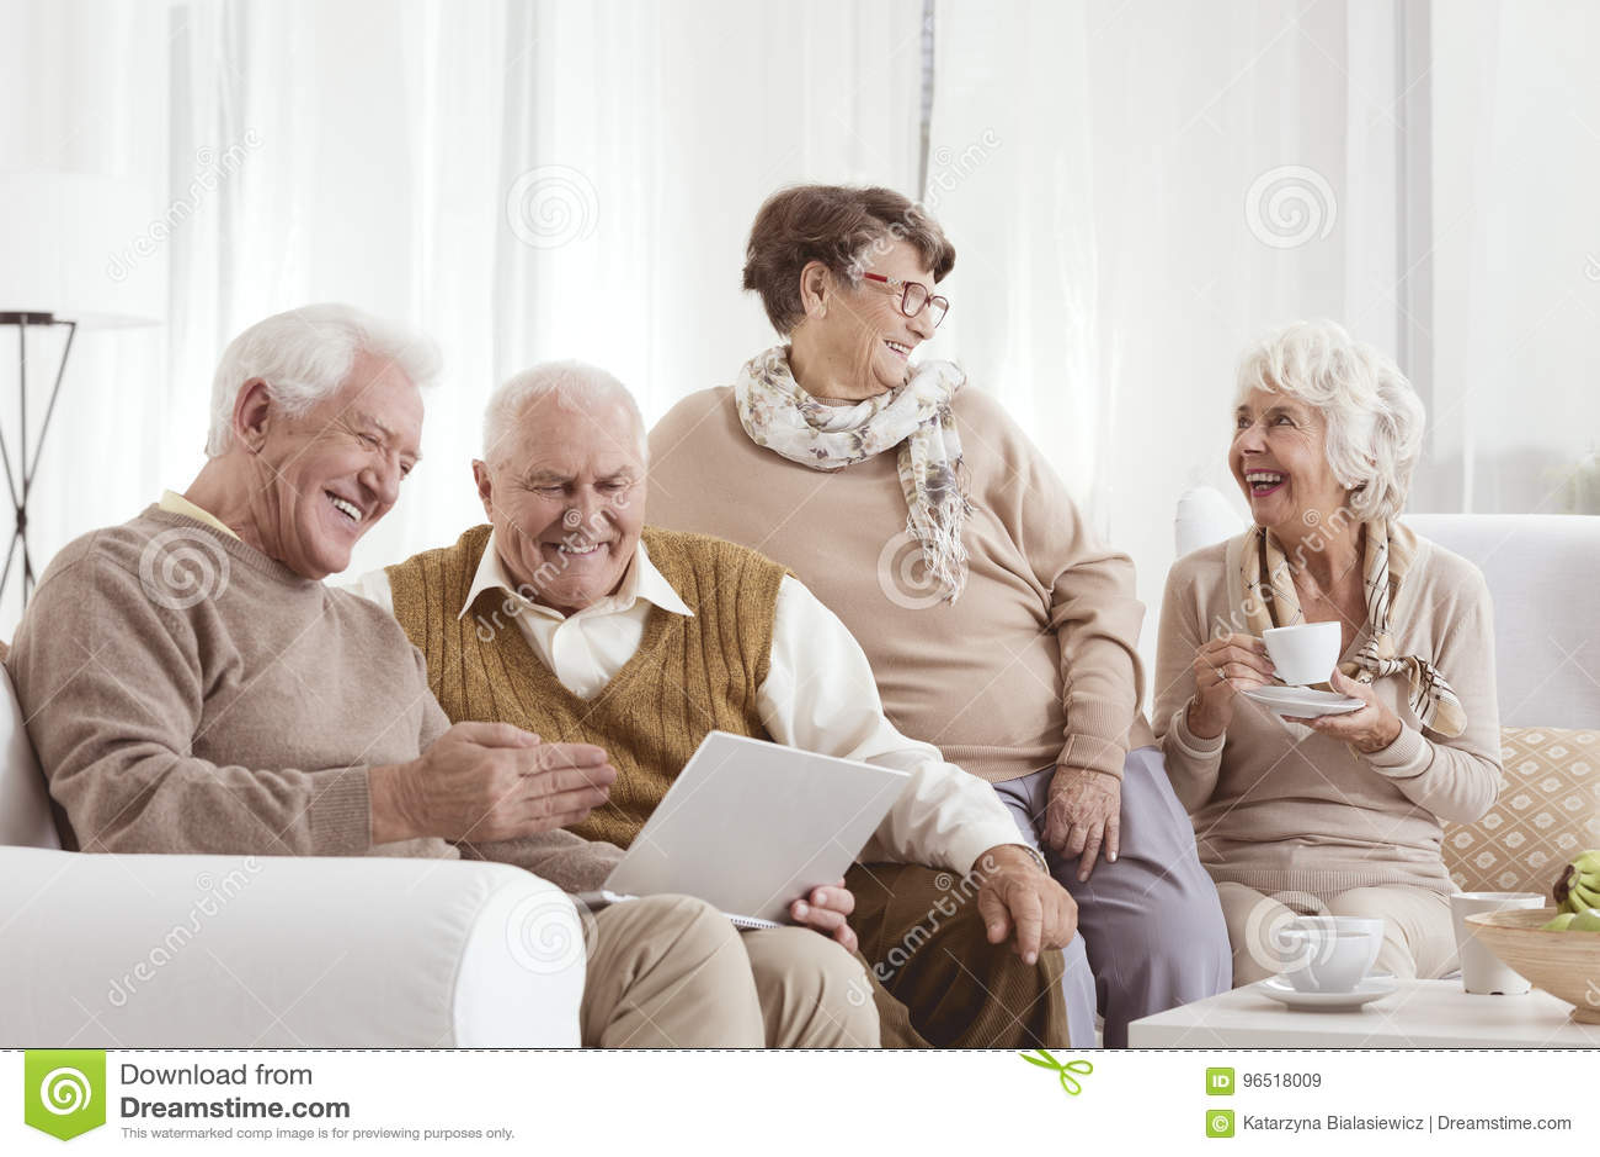 Elderly friends relaxing